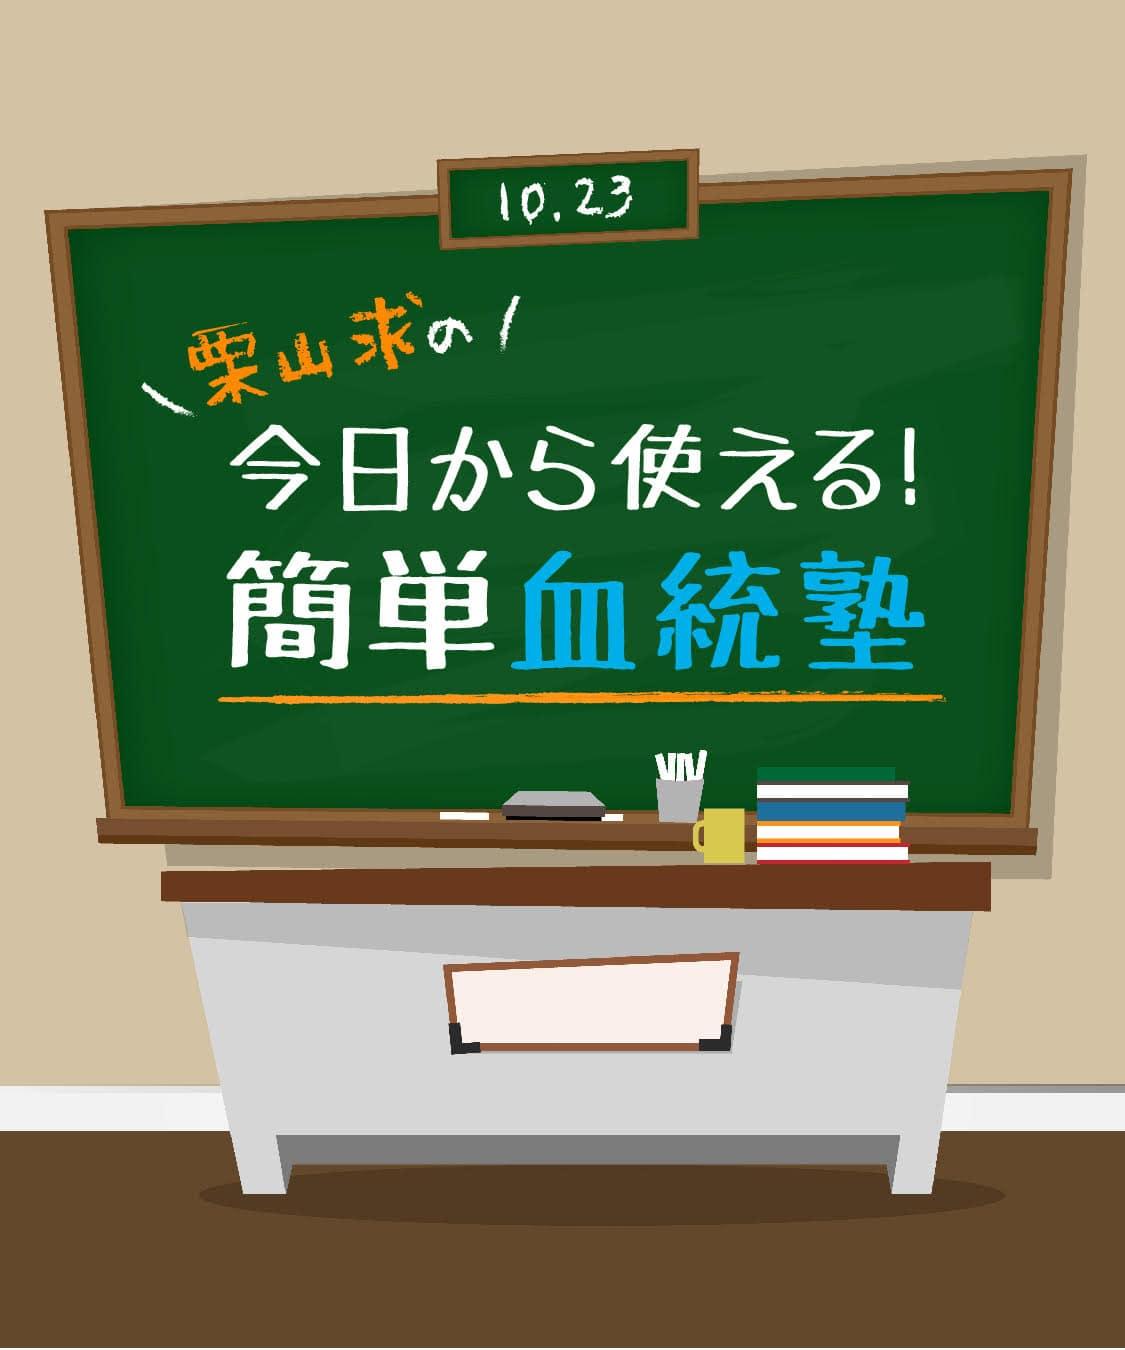 栗山求の「今日から使える!簡単血統塾」